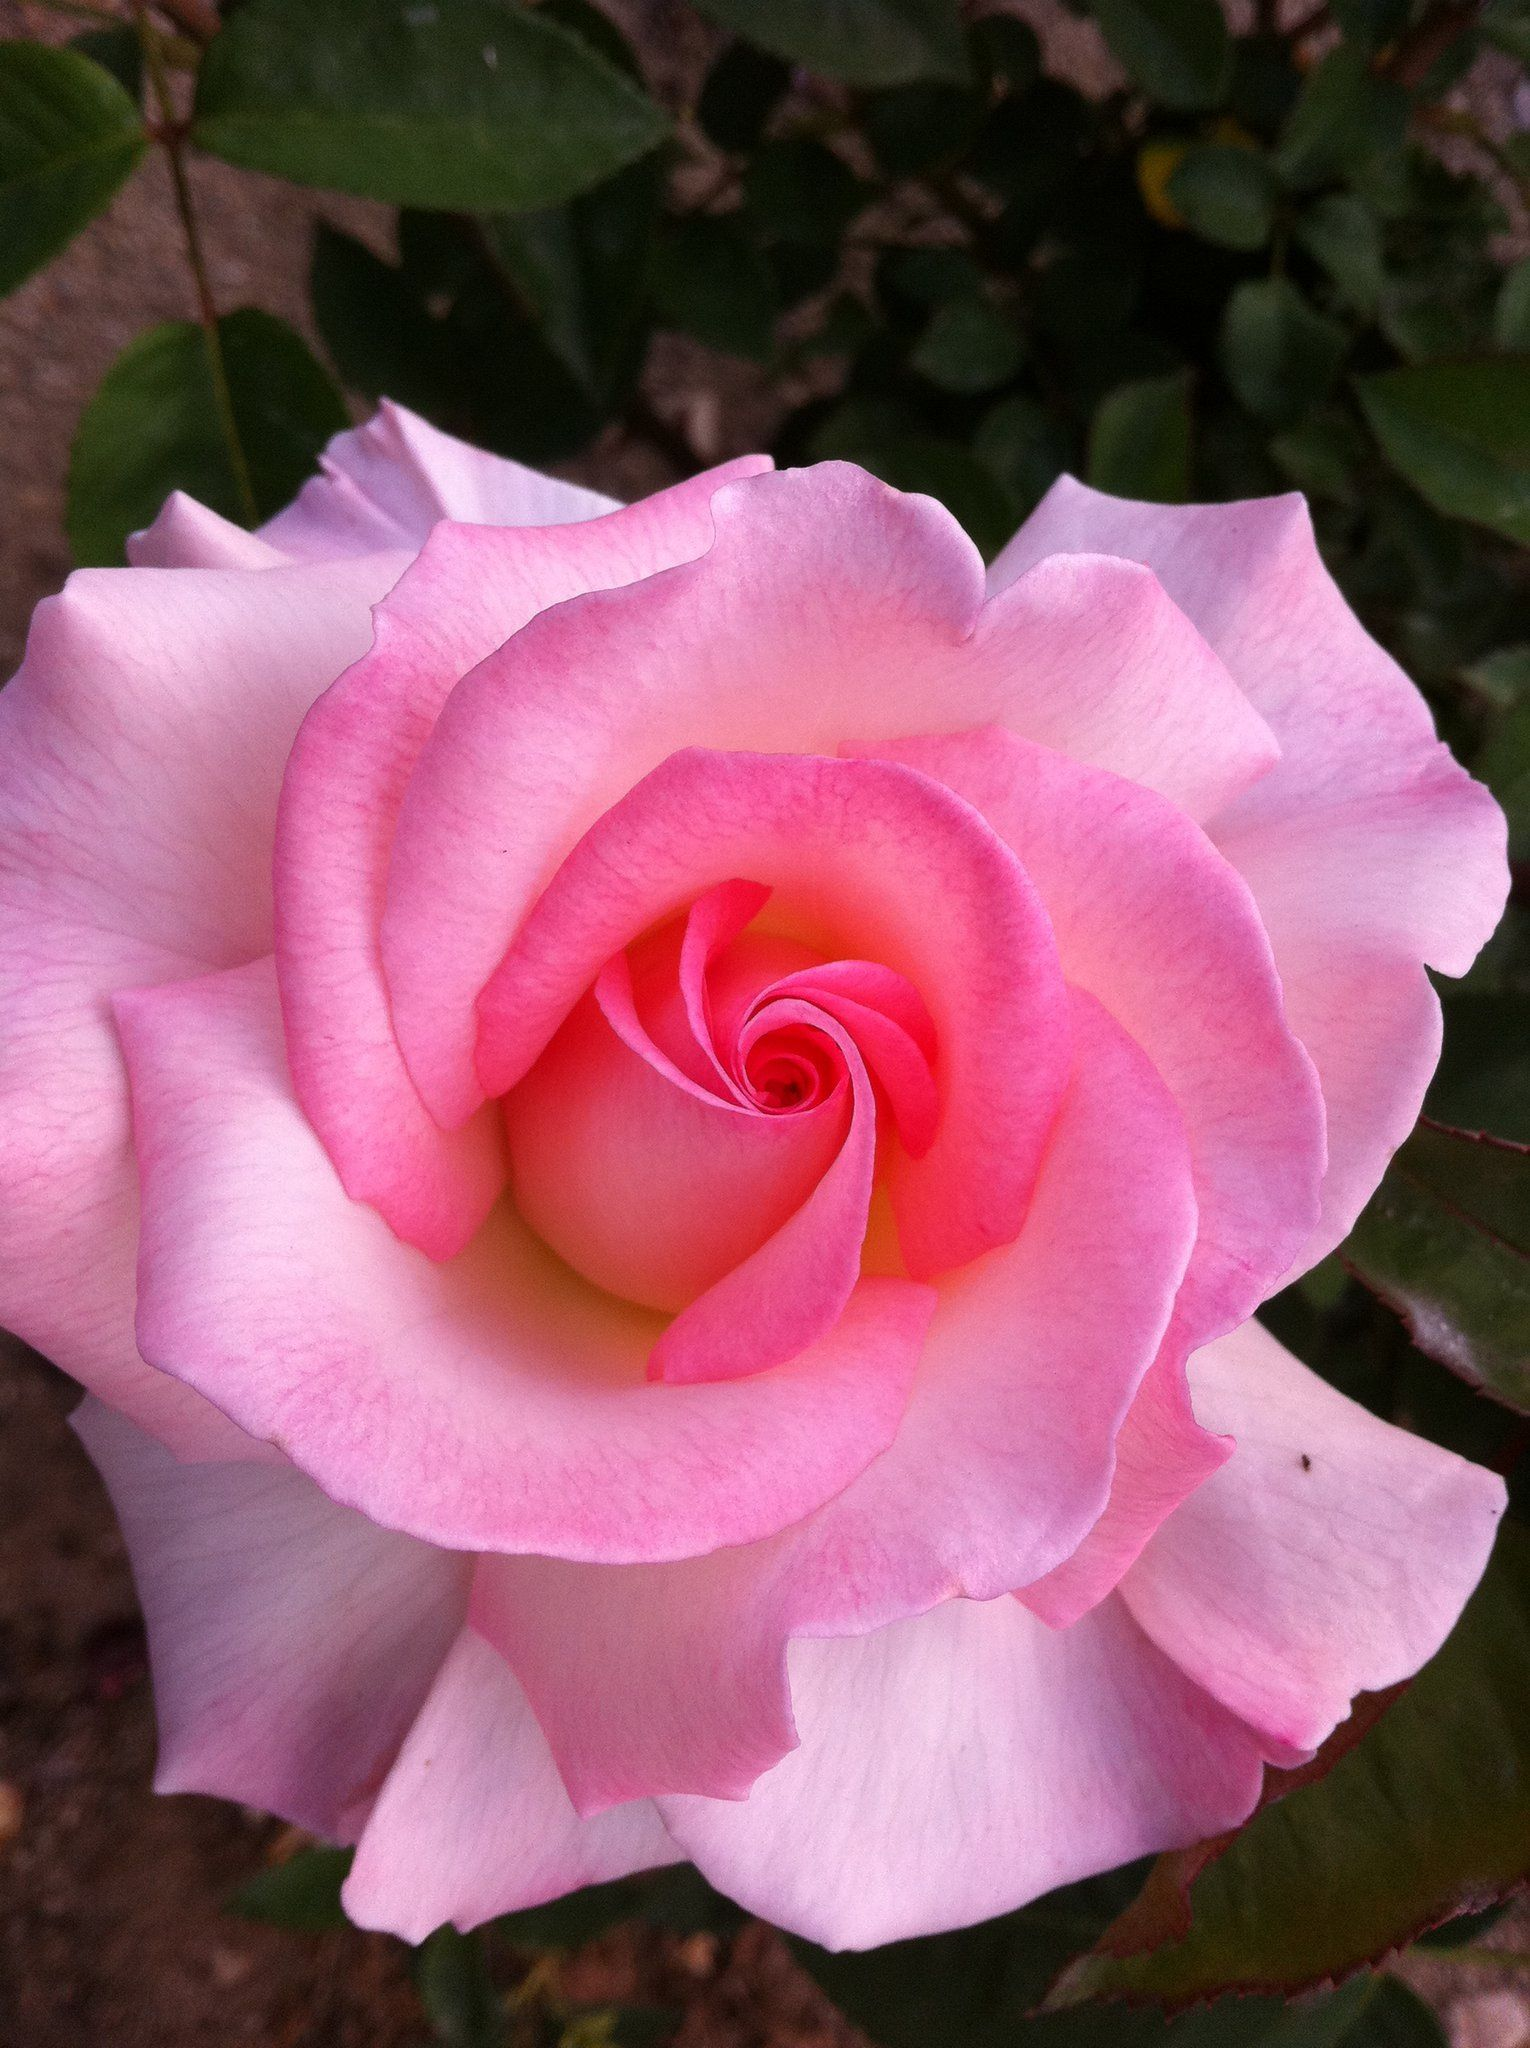 Pink rose at glendale rose gardens 2011 flower therapy pink rose at glendale rose gardens 2011 izmirmasajfo